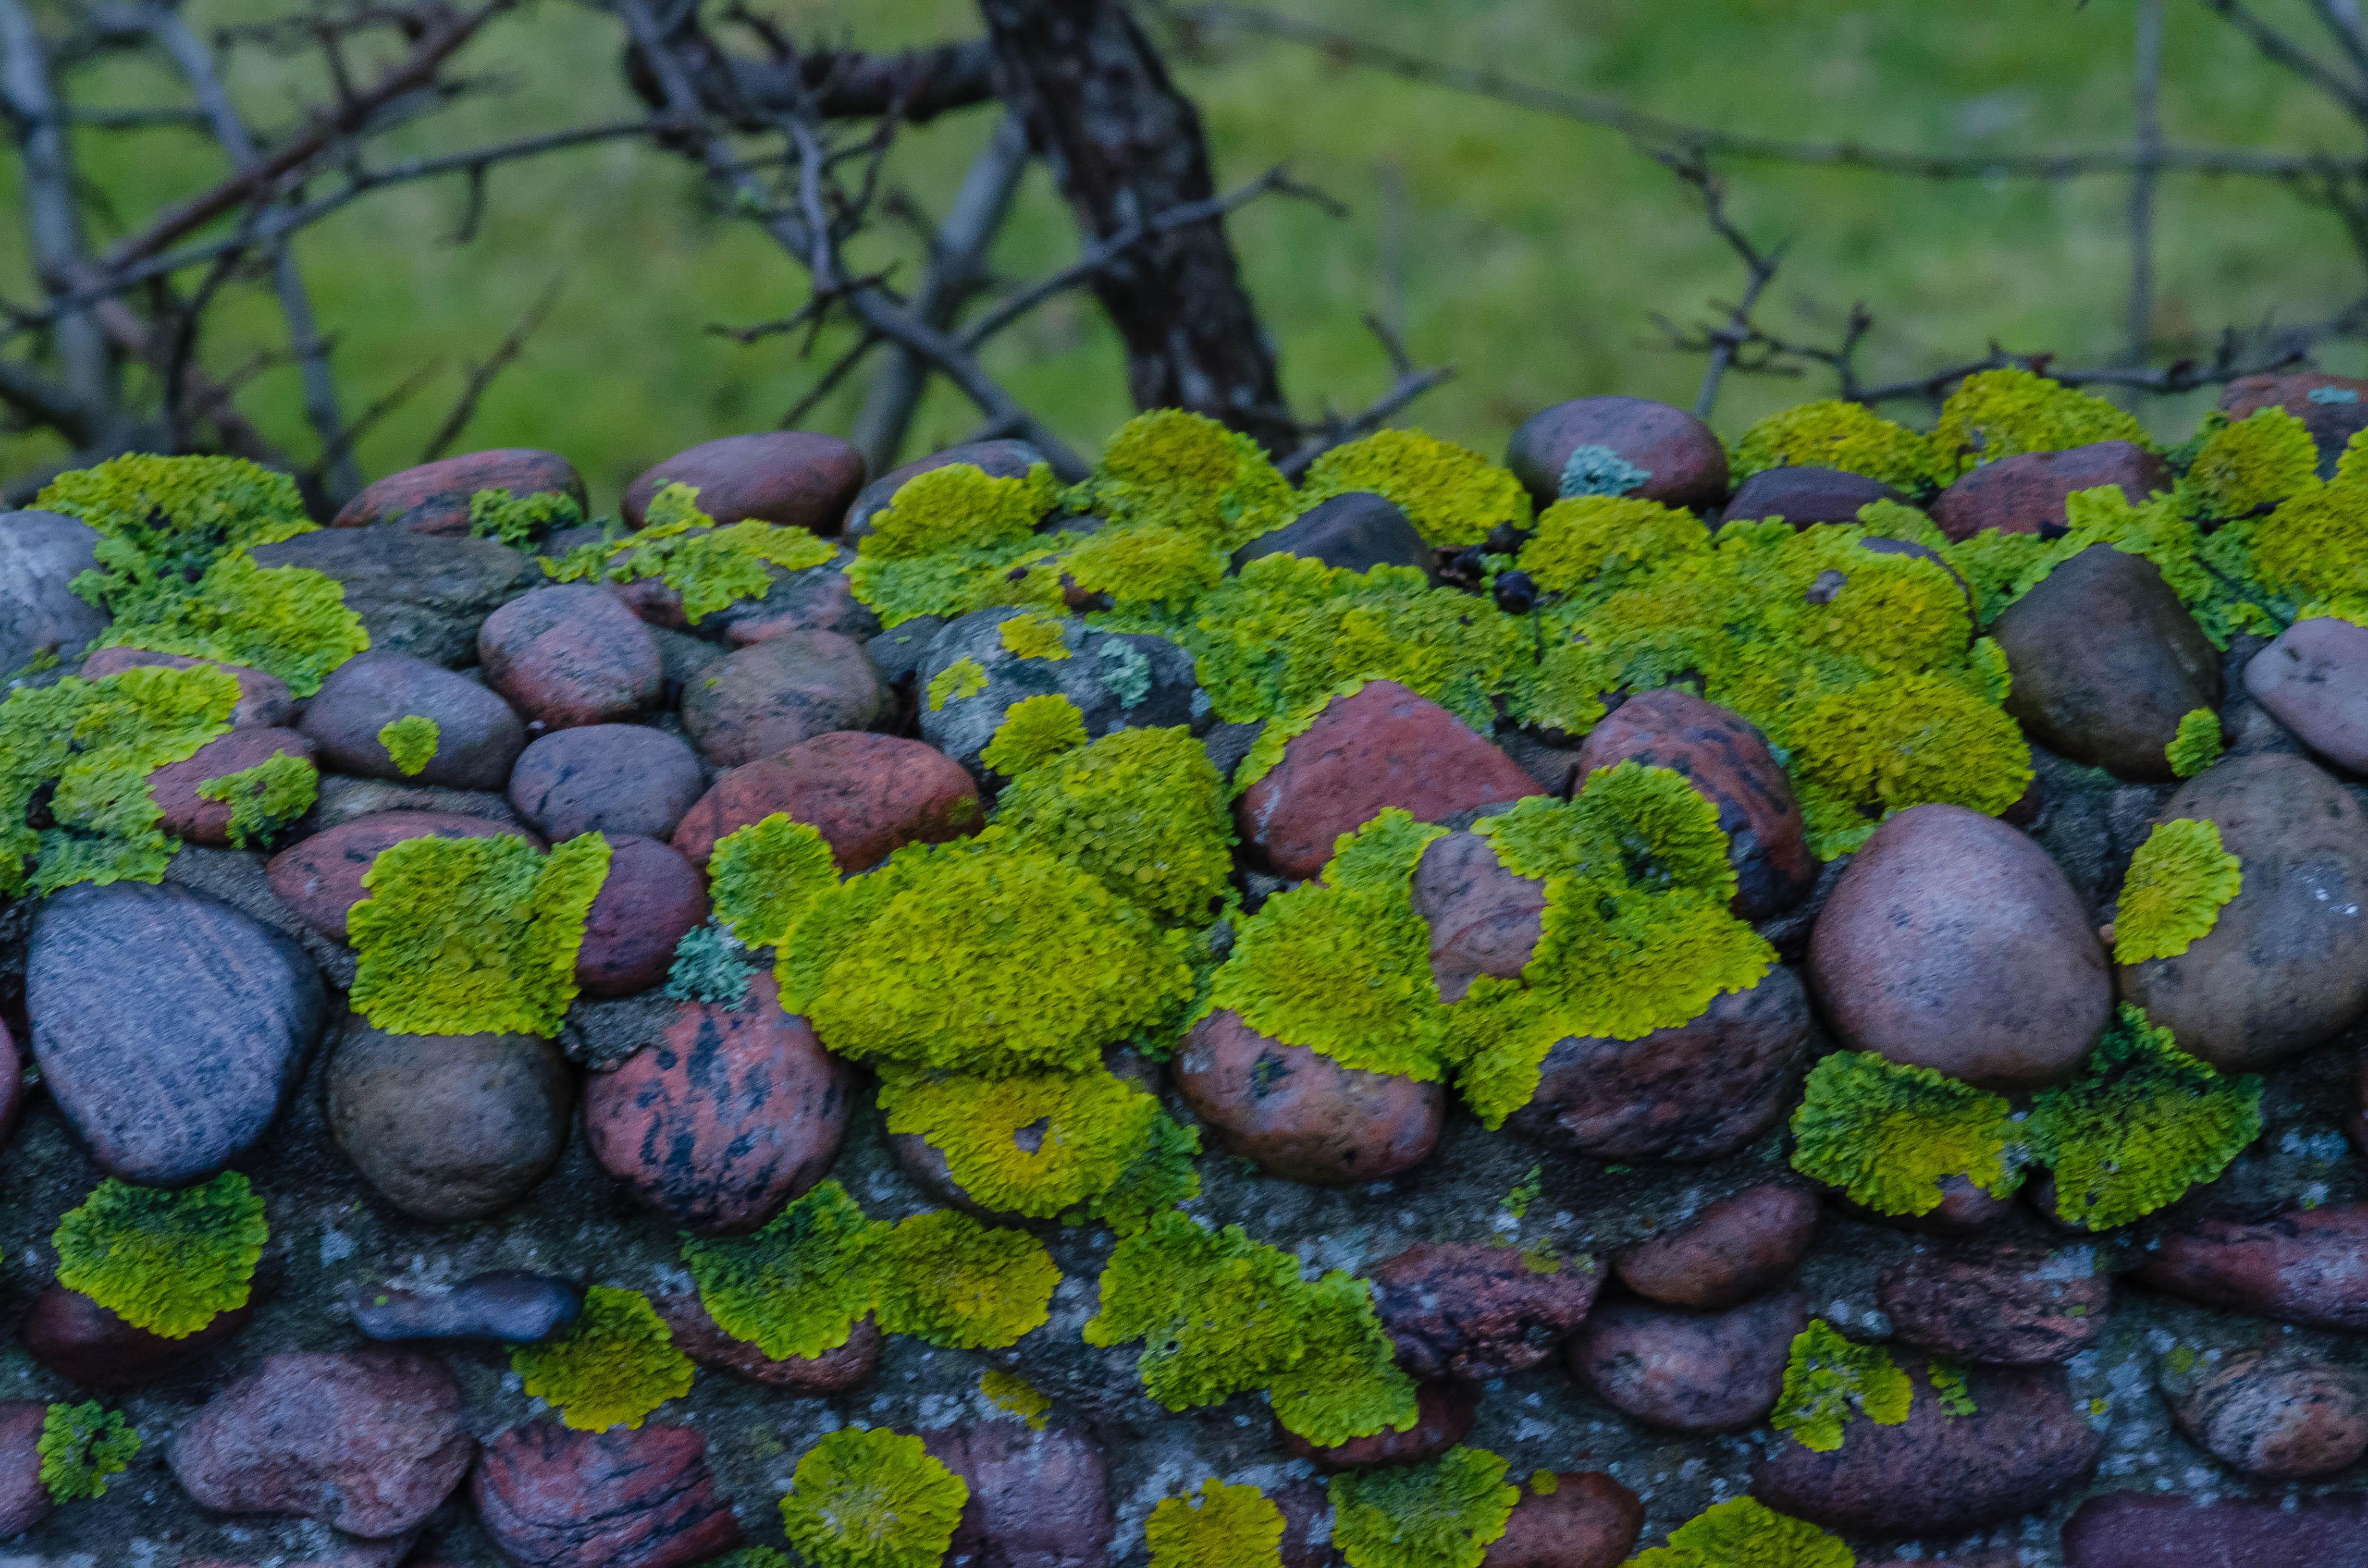 Что делать, если появились наросты ввиде мха и лишайника на деревьях в саду | ninapozyabina.ru